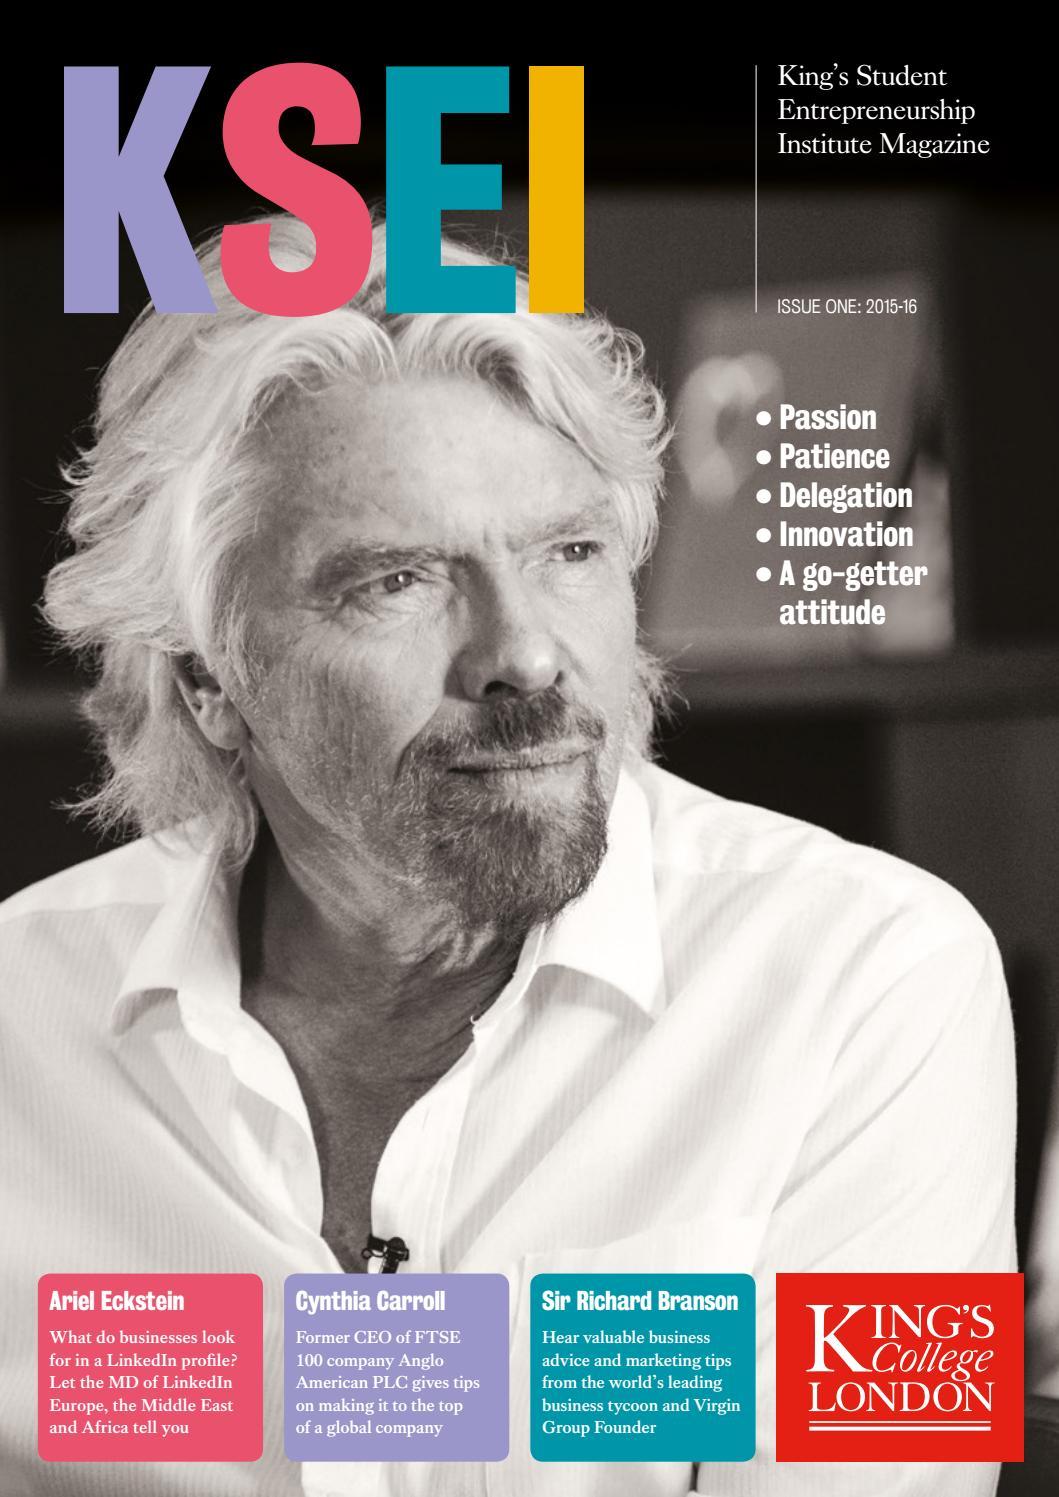 King s student entrepreneurship institute magazine by King s  Entrepreneurship Institute - issuu 043bc74e8bd